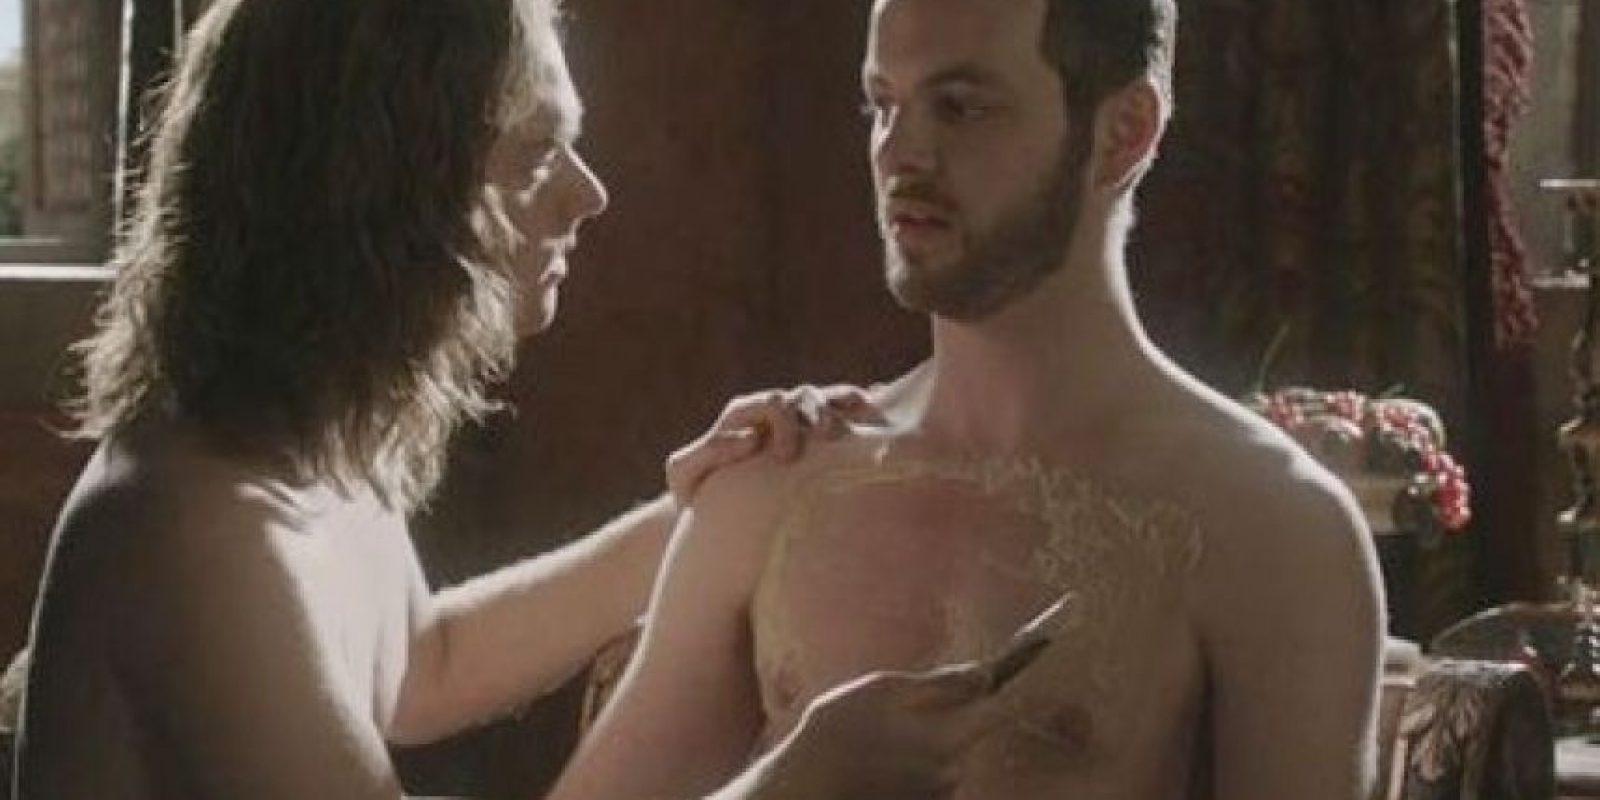 """La serie """"Game of Thrones"""" está llena de sexo y buenas historias. Destaca el romance que viven en el séptimo episodio Renly (Gethin Anthony) y Loras (Finn Jones) Foto:HBO"""